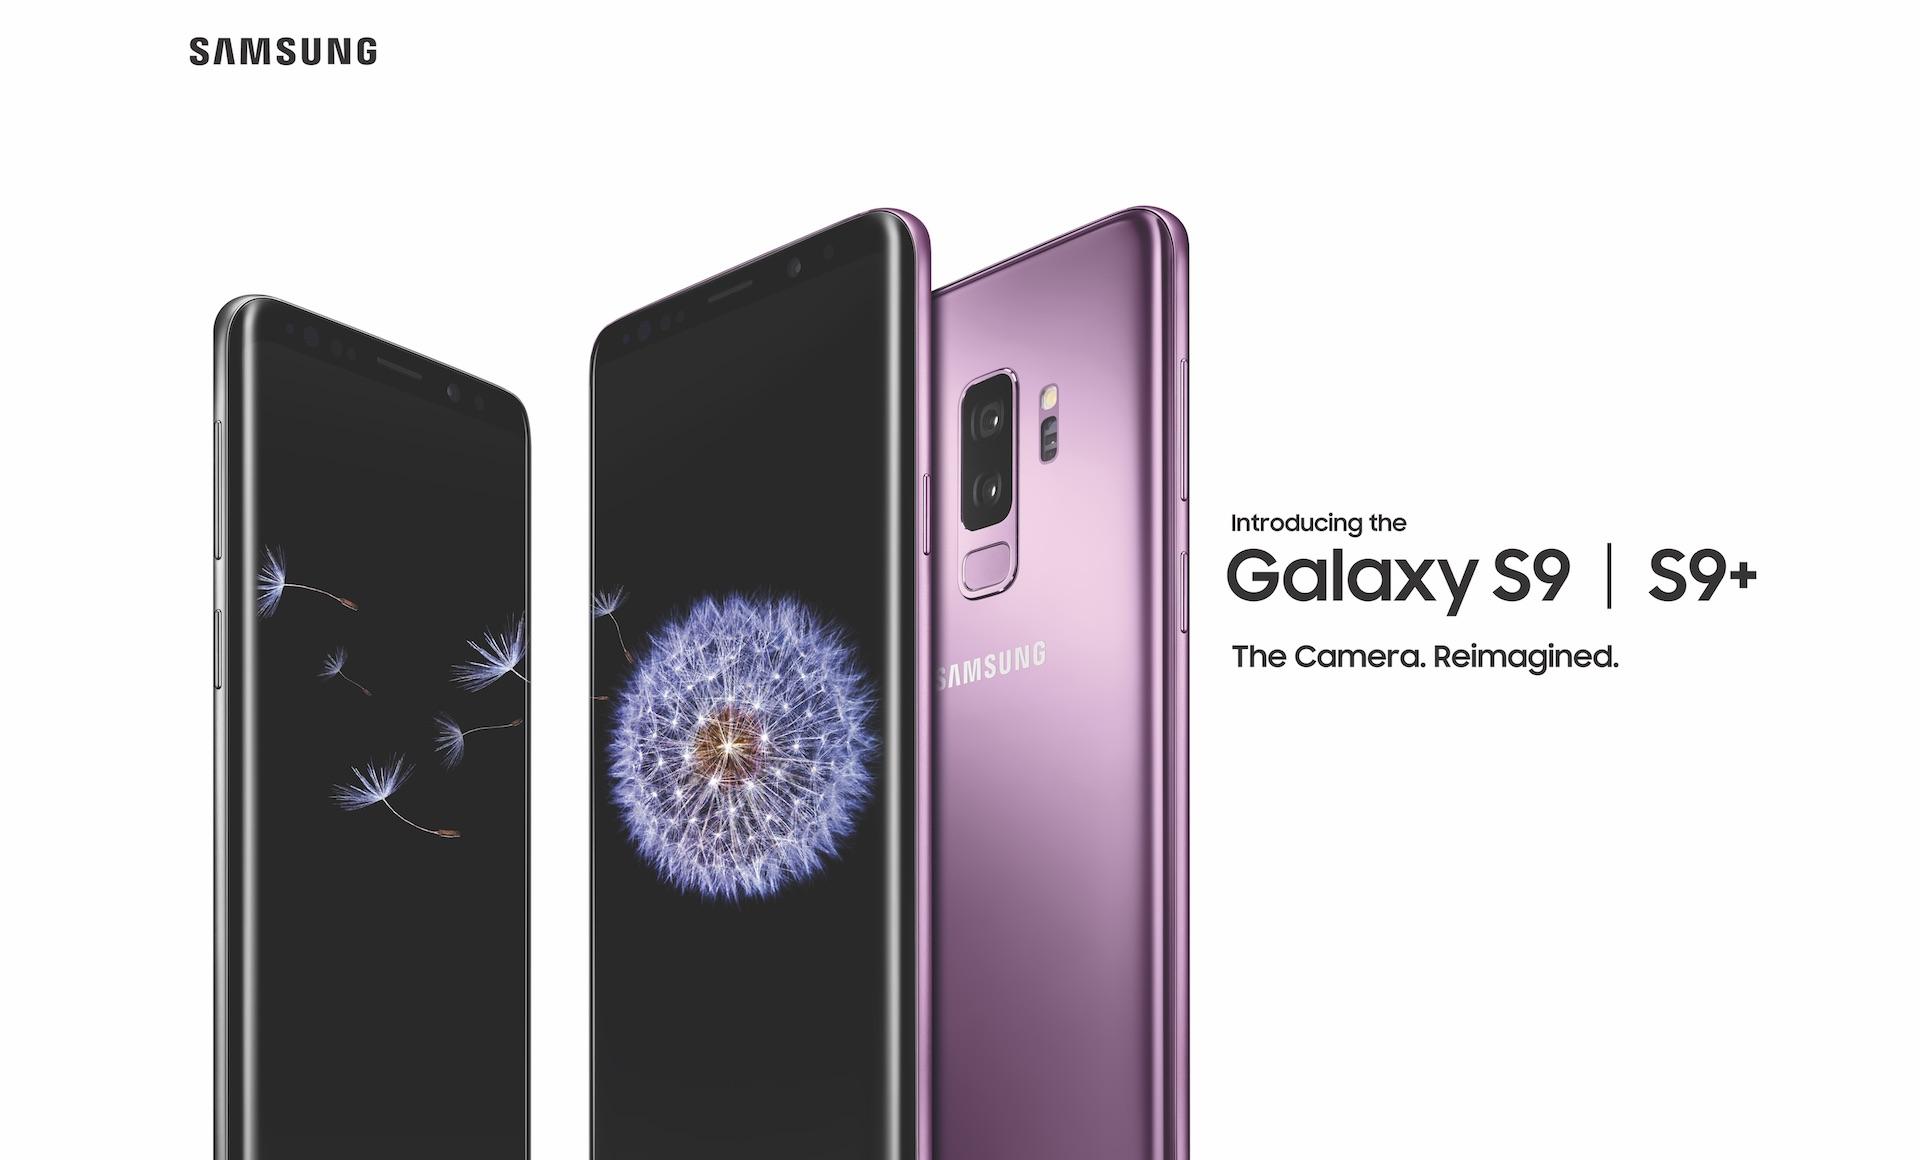 Galaxy S9/S9+